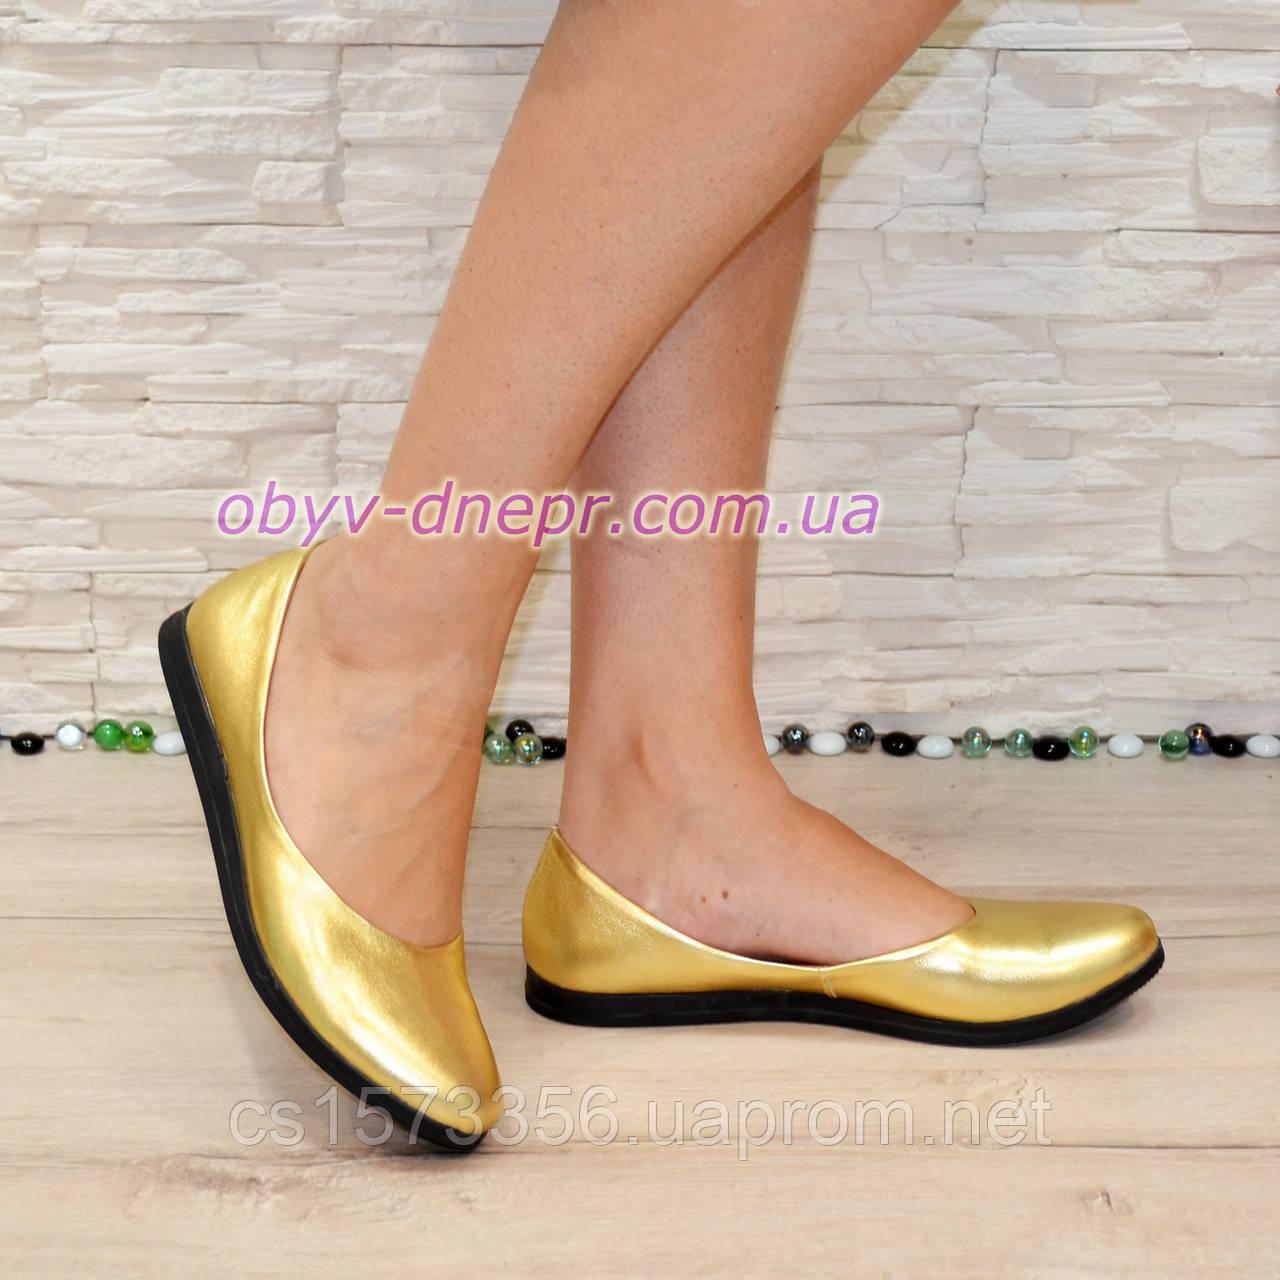 Туфли-мокасины женские кожаные, цвет золото